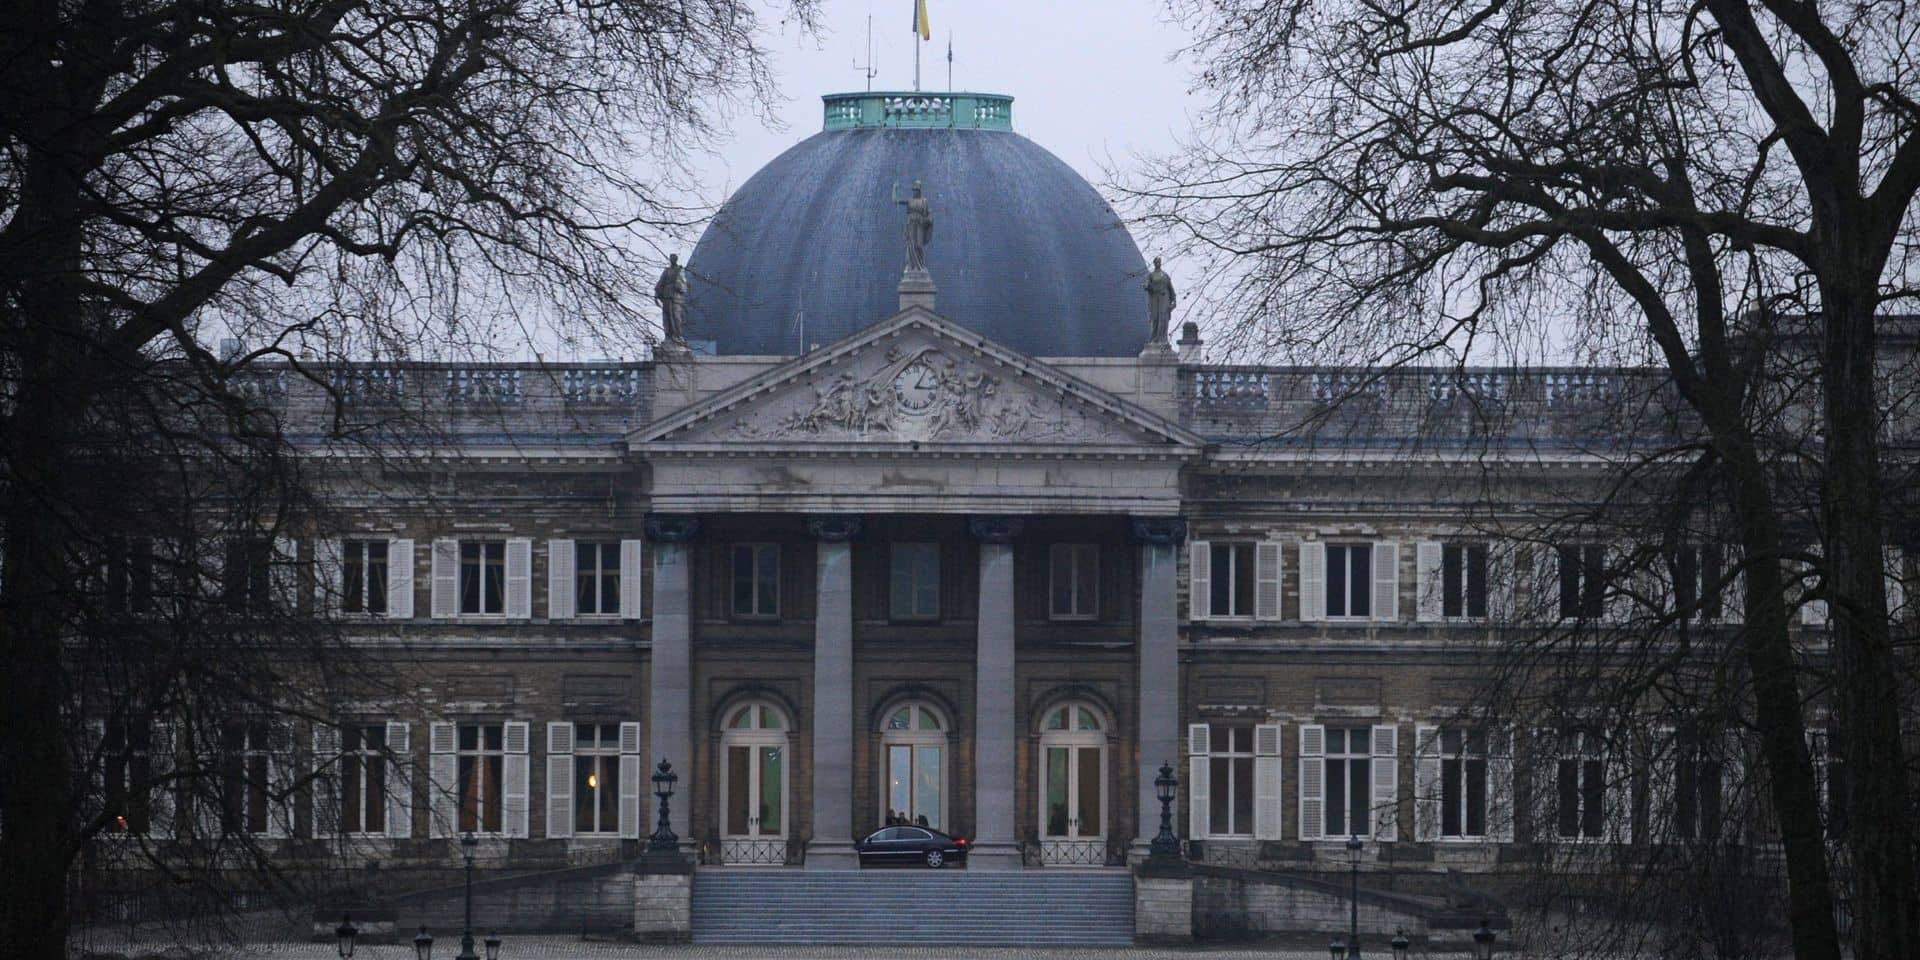 """""""Tout le monde tousse et se sent malade"""" : deux cas de Covid-19 détectés au Palais royal de Laeken, les employés sont inquiets"""